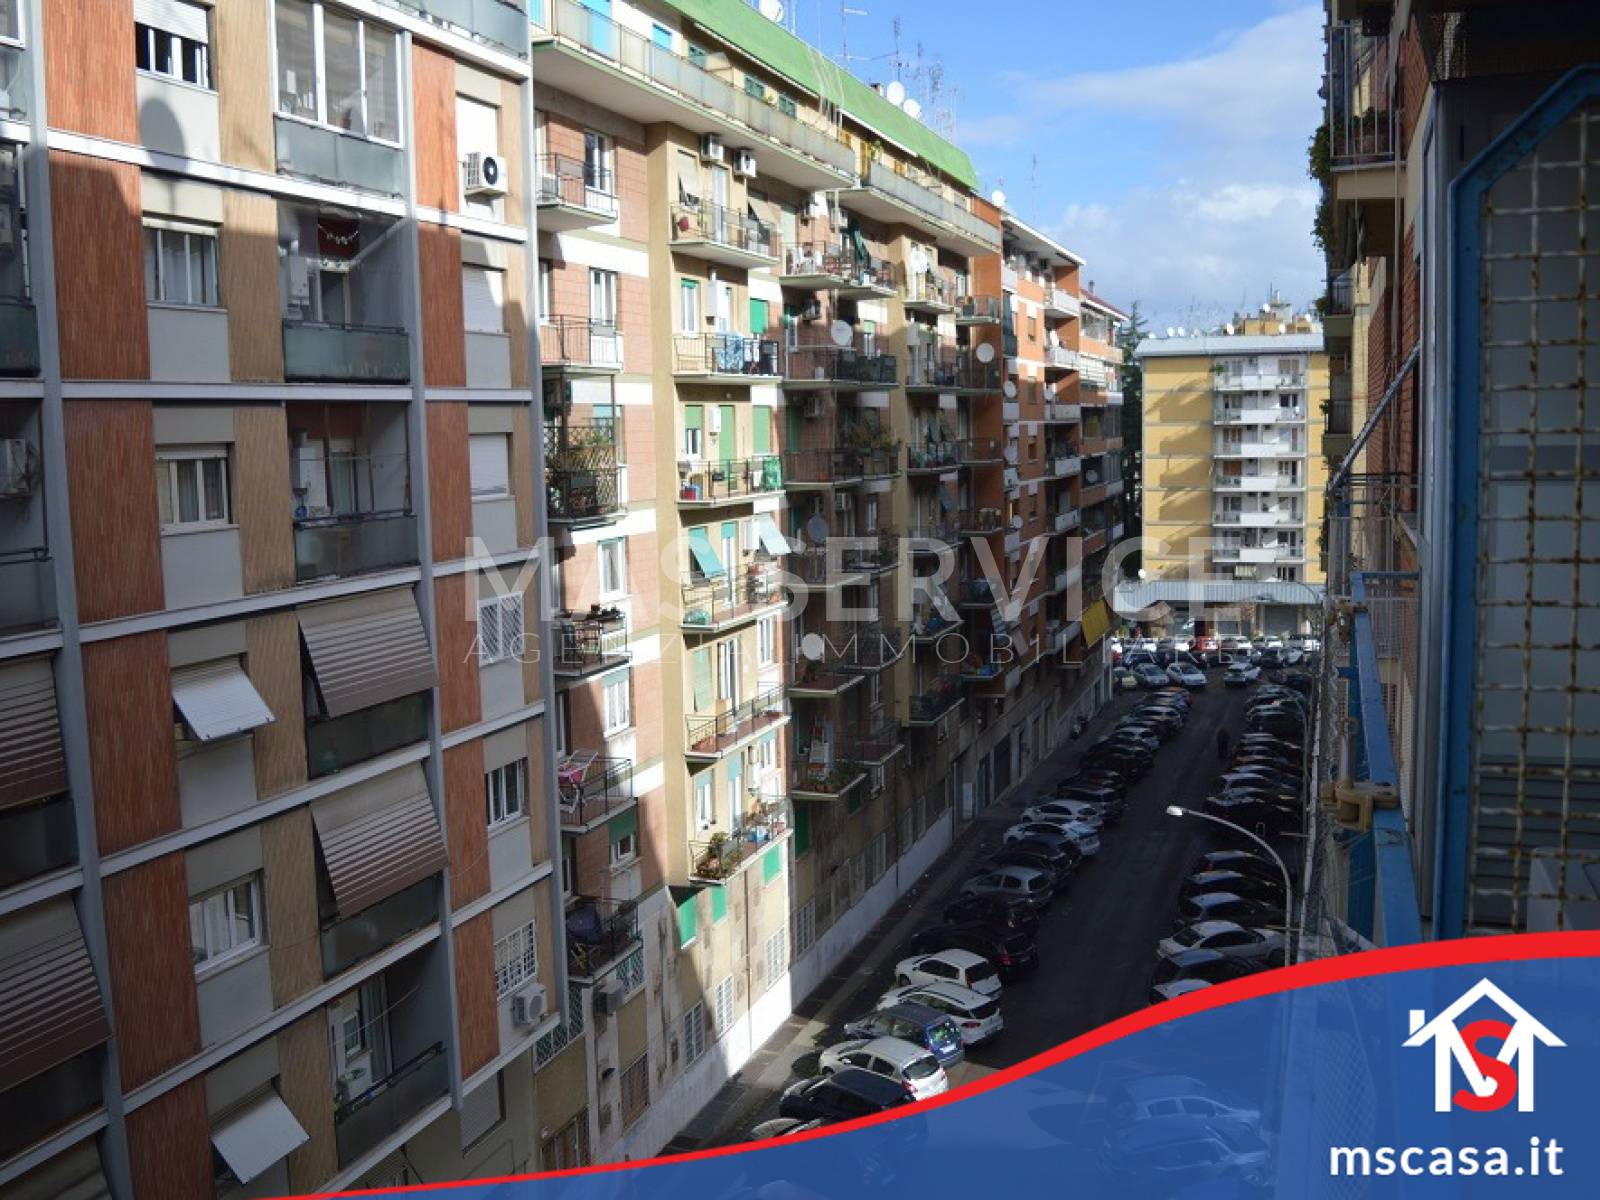 Quadrilocale in vendita zona Montagnola a Roma Vista Affaccio